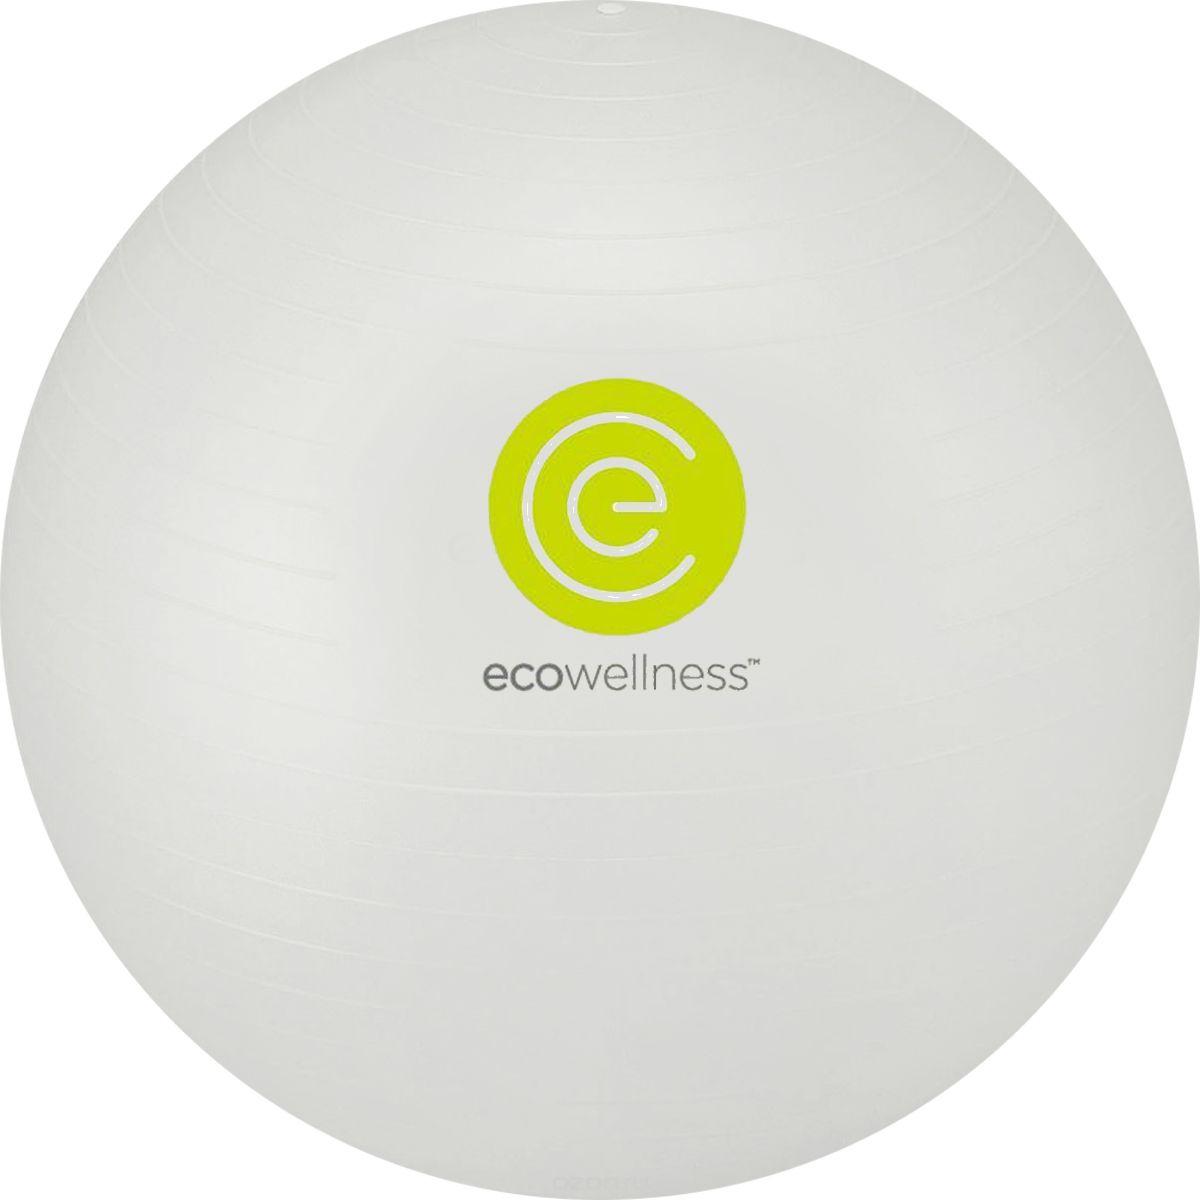 Мяч гимнастический Ecowellness, c ручным насосом, цвет: серебристый, диаметр 75 смУТ-00007273Мяч Ecowellness предназначен для гимнастических и медицинских целей в лечебных упражнениях. Он выполнен из прочного гипоаллергенного ПВХ. Прекрасно подходит для использования в домашних условиях. Данный мяч можно использовать для: реабилитации после травм и операций, восстановления после перенесенного инсульта, стимуляции и релаксации мышечных тканей, улучшения кровообращения, лечении и профилактики сколиоза, при заболеваниях или повреждениях опорно-двигательного аппарата.УВАЖЕМЫЕ КЛИЕНТЫ!Обращаем ваше внимание на тот факт, что мяч поставляется в сдутом виде. Насос входит в комплект.